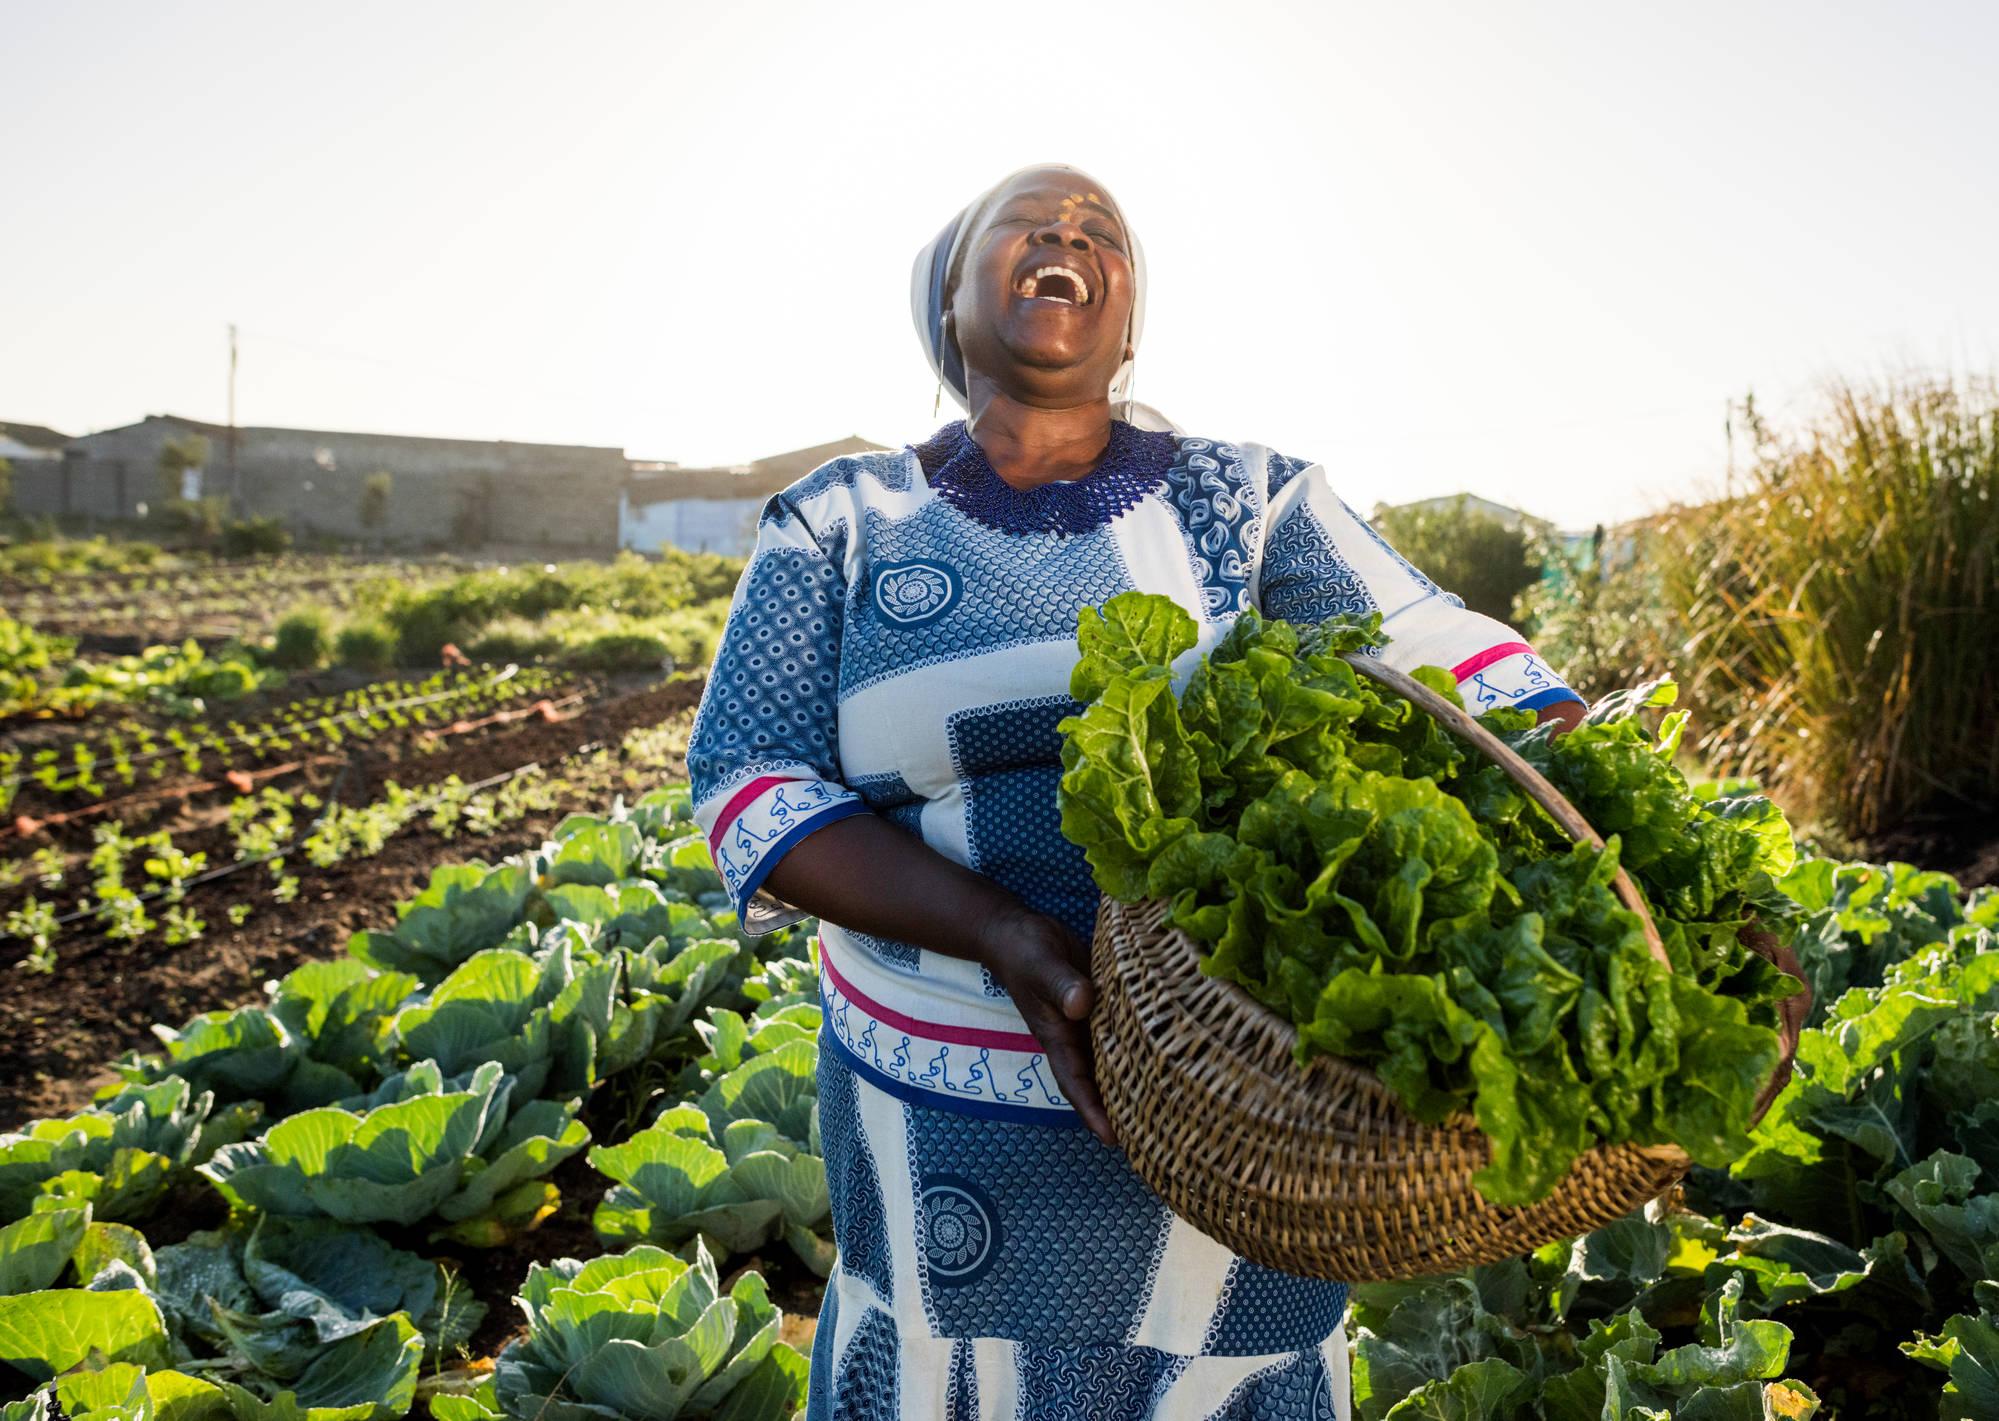 La ferme biologique Cheikh Anta d'Aminata Samb, un projet à soutenir et à valoriser